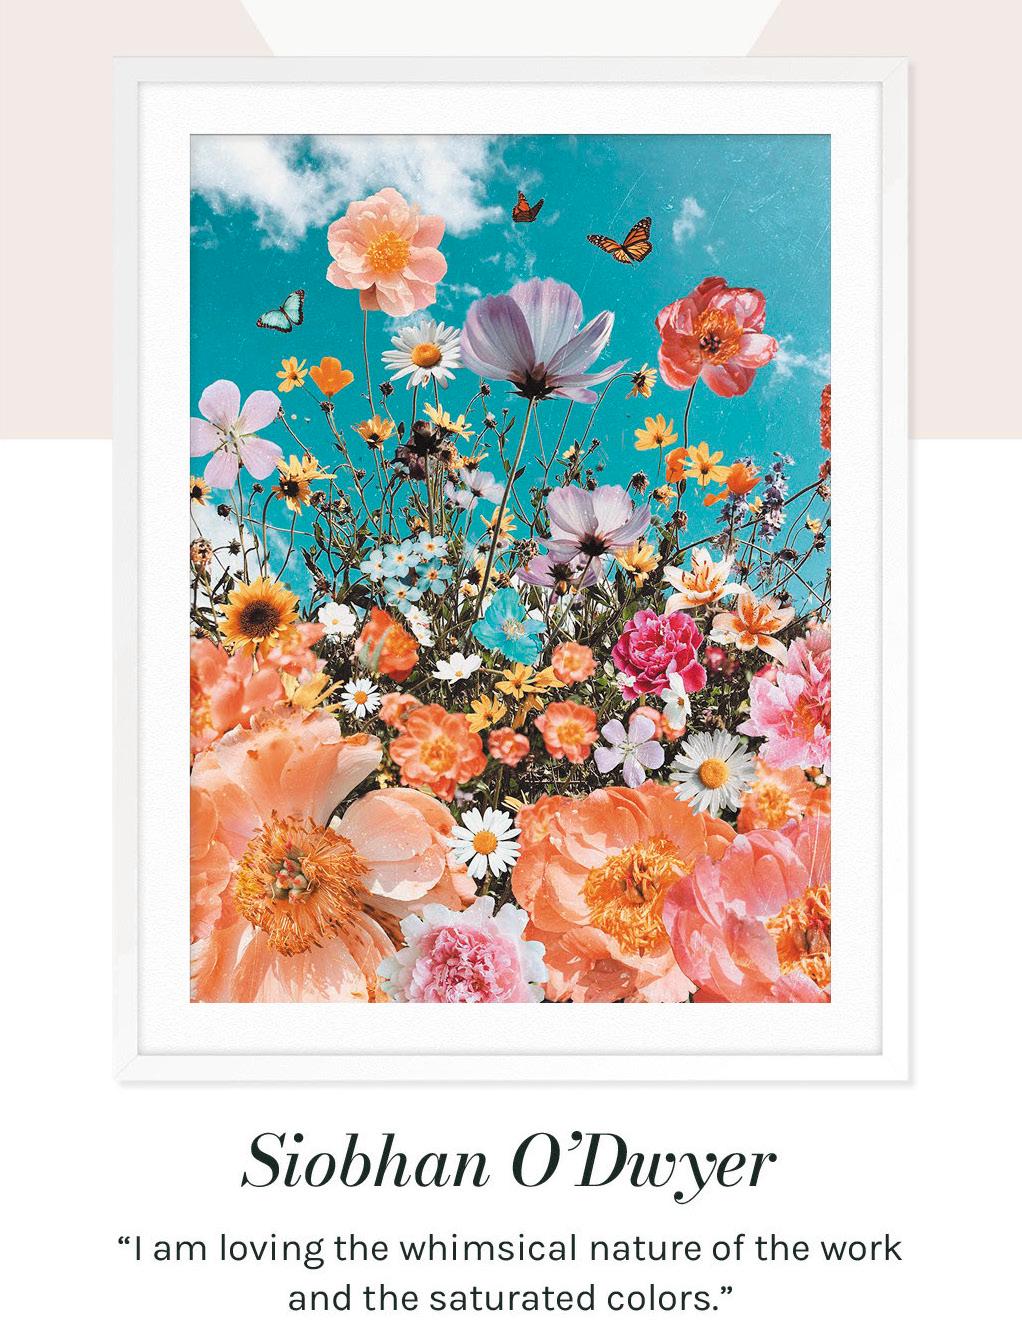 Siobhan O'Dwyer